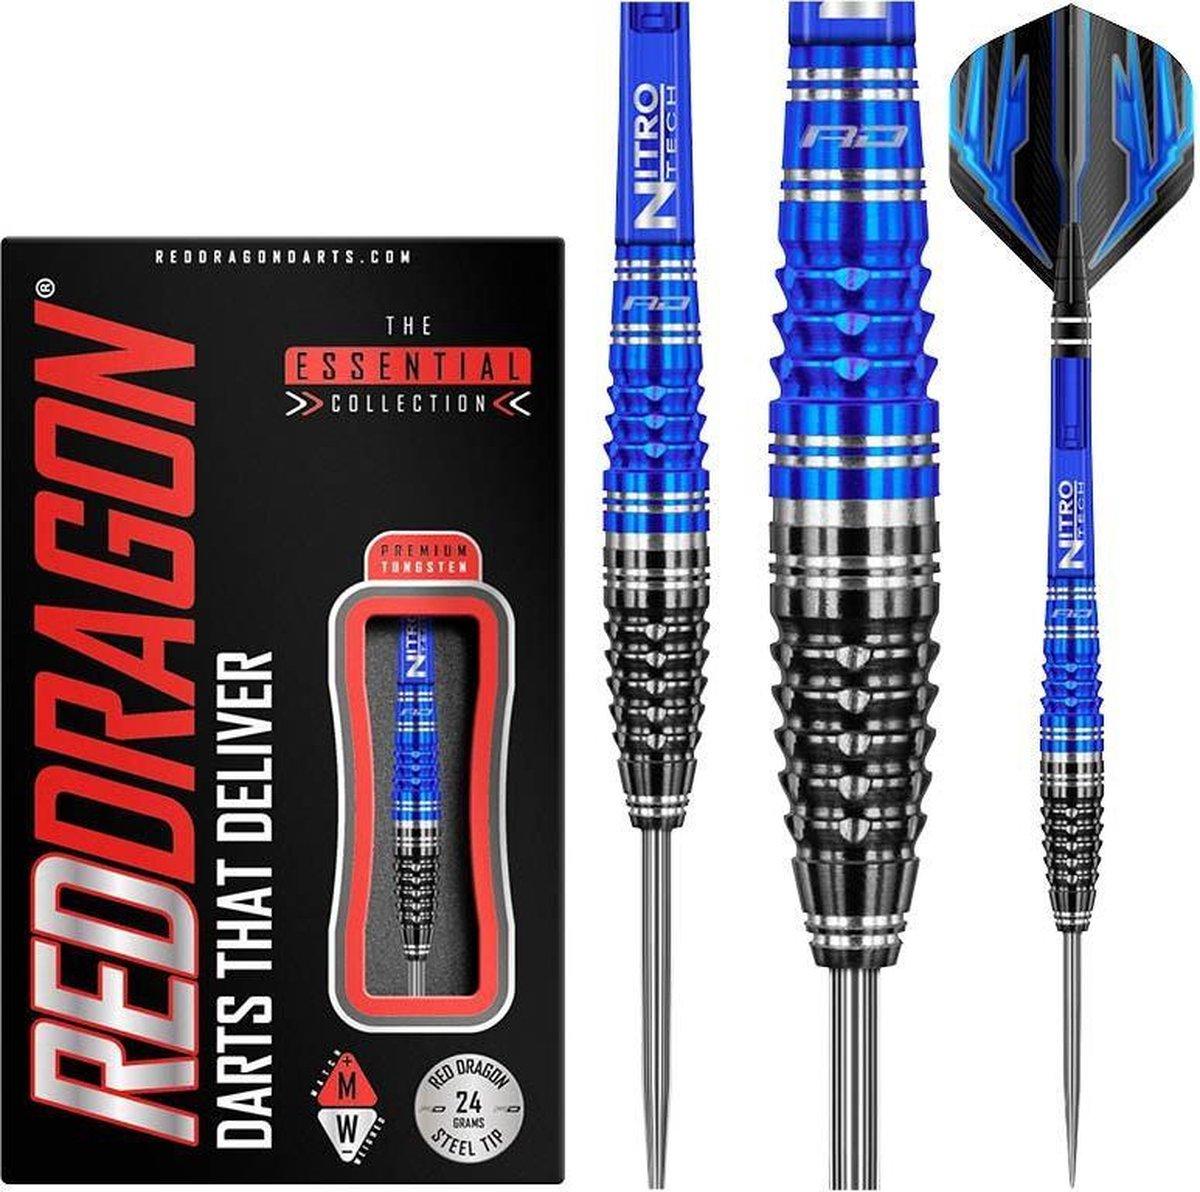 RED DRAGON - Delta 2: Steeltip Tungsten Dartpijlen Professioneel - 24 gram